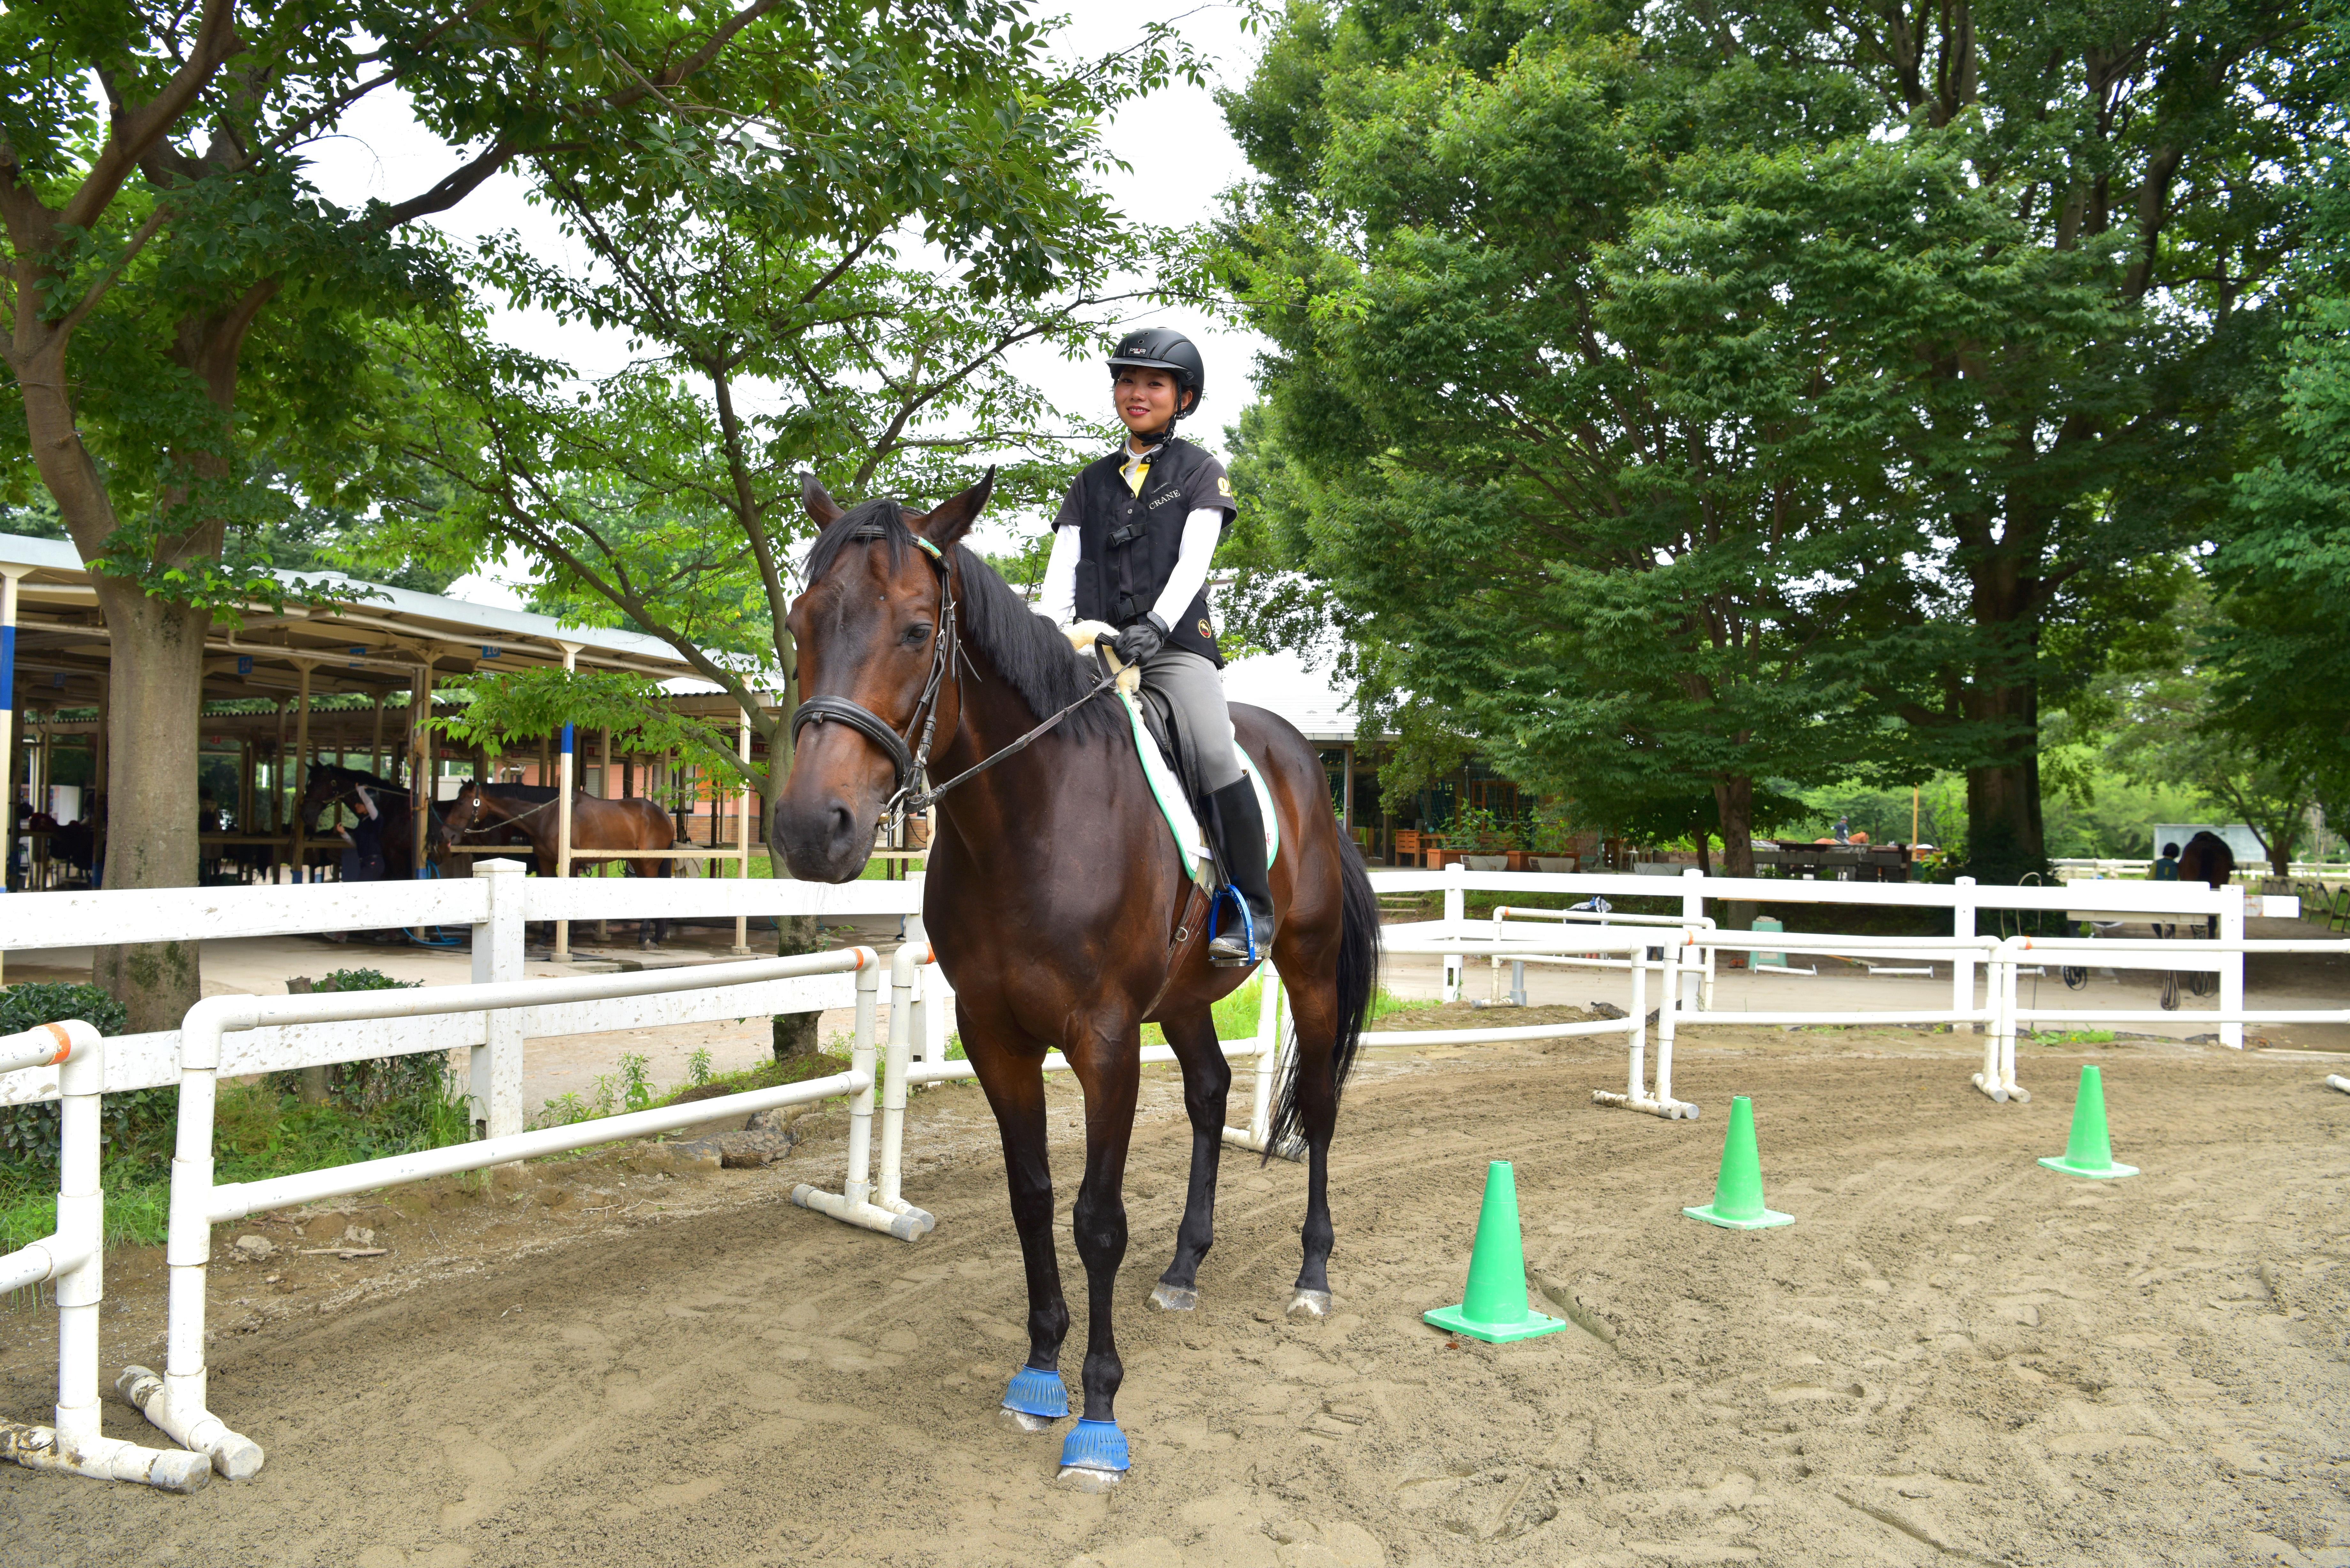 【インドアvsアウトドア】インドア女子は乗馬体験を楽しめるのか!?の画像